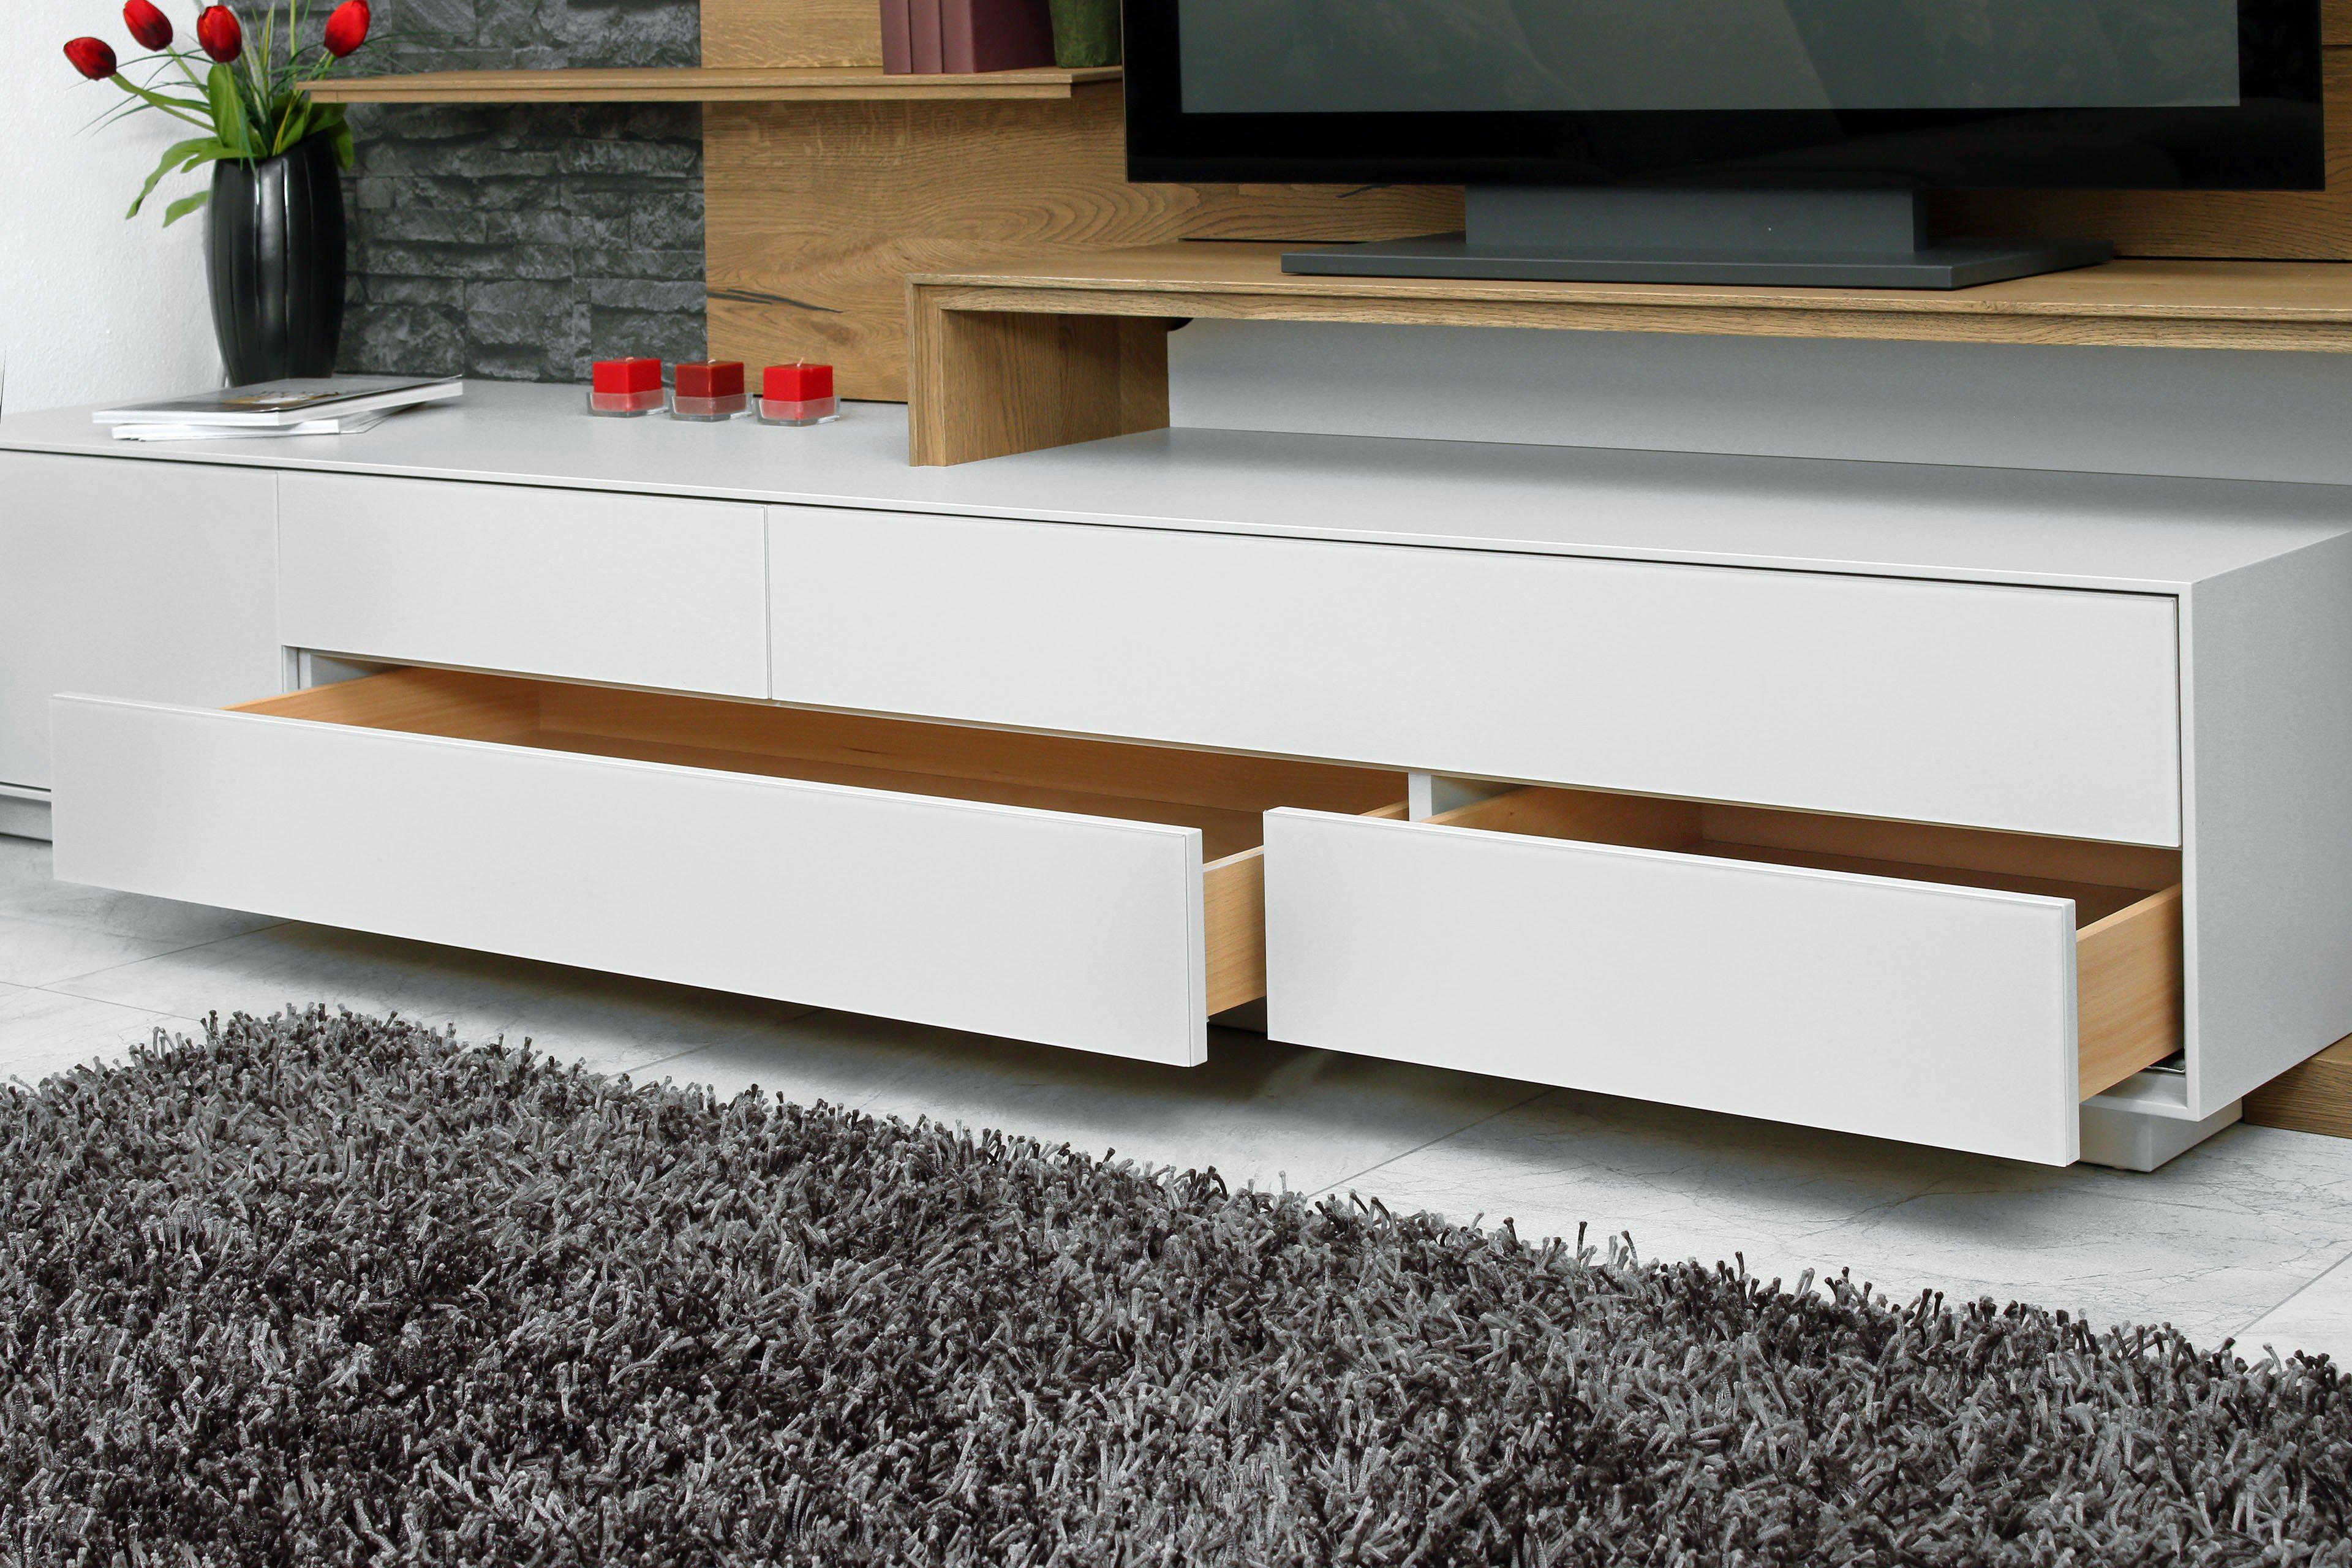 gro z gig puro polsterm bel zeitgen ssisch innenarchitektur kollektion. Black Bedroom Furniture Sets. Home Design Ideas